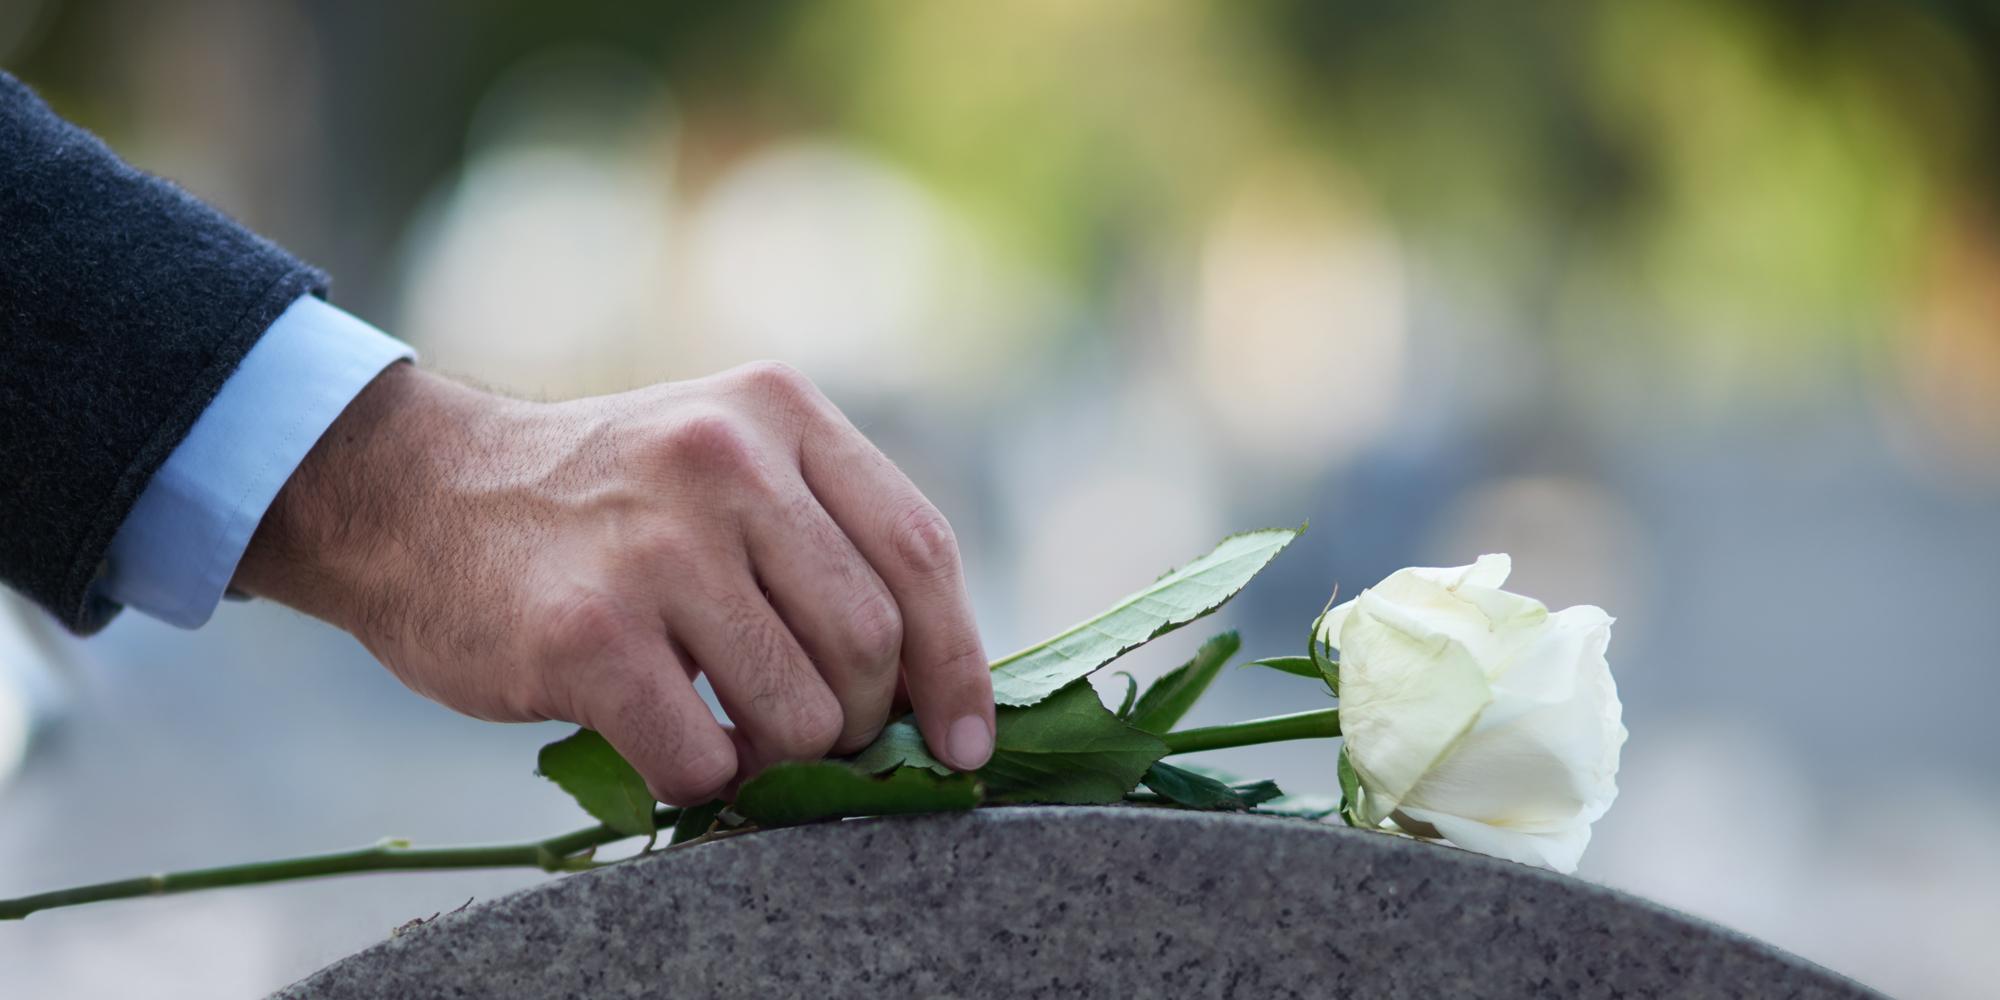 Falleció el 06/07/2019 a los 74 años de edad. Sus restos recibieron sepultura el 06/07/2019  a las 17 horas en el Cementerio Parque el Prado.